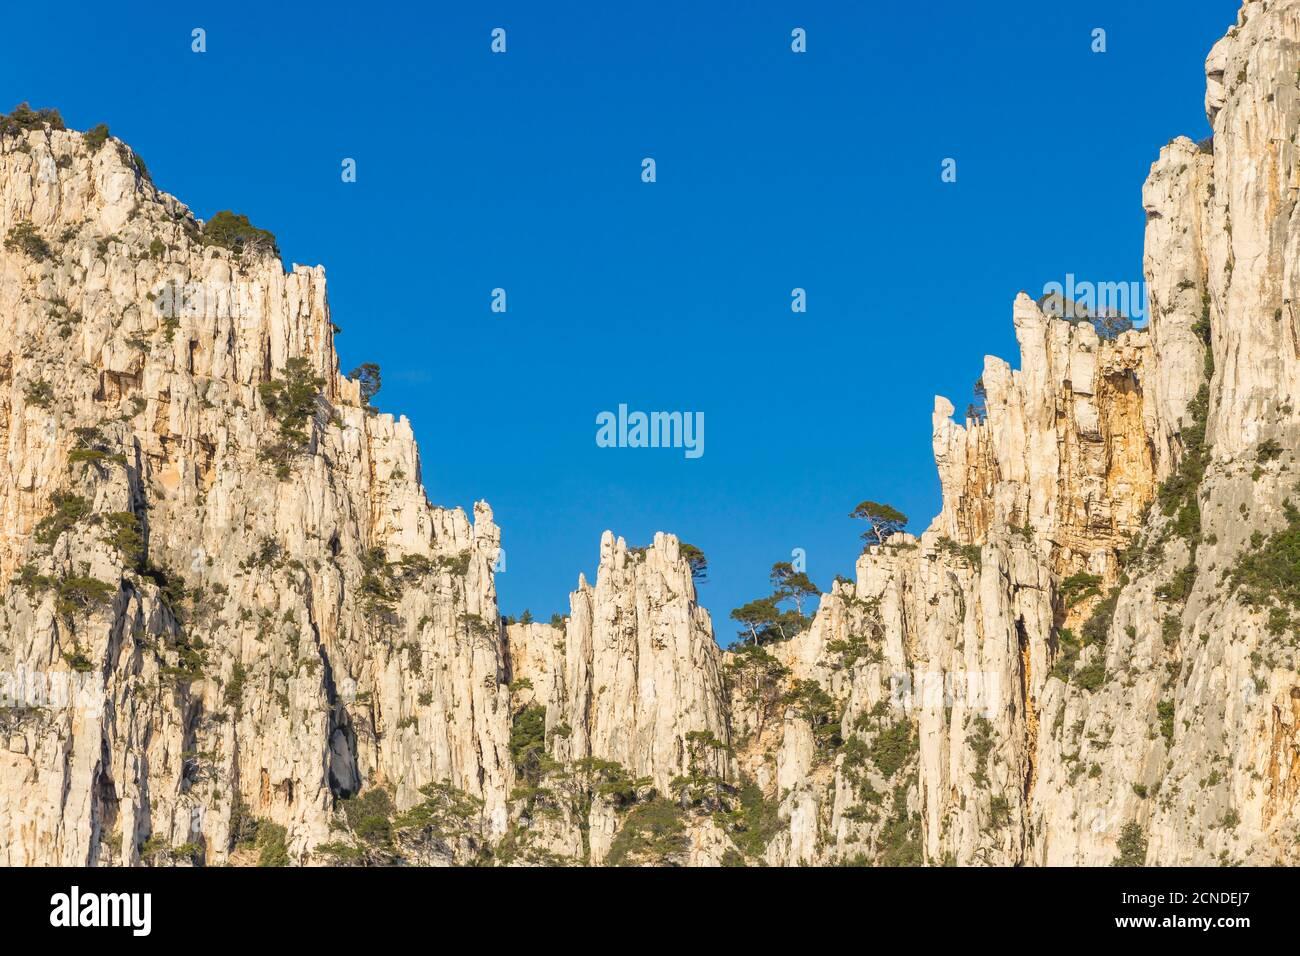 Formazione rocciosa a Calanque de l'Oule, Parco Nazionale Calanque, Marsiglia, Bocche del Rodano, Provenza, Francia, Europa Foto Stock